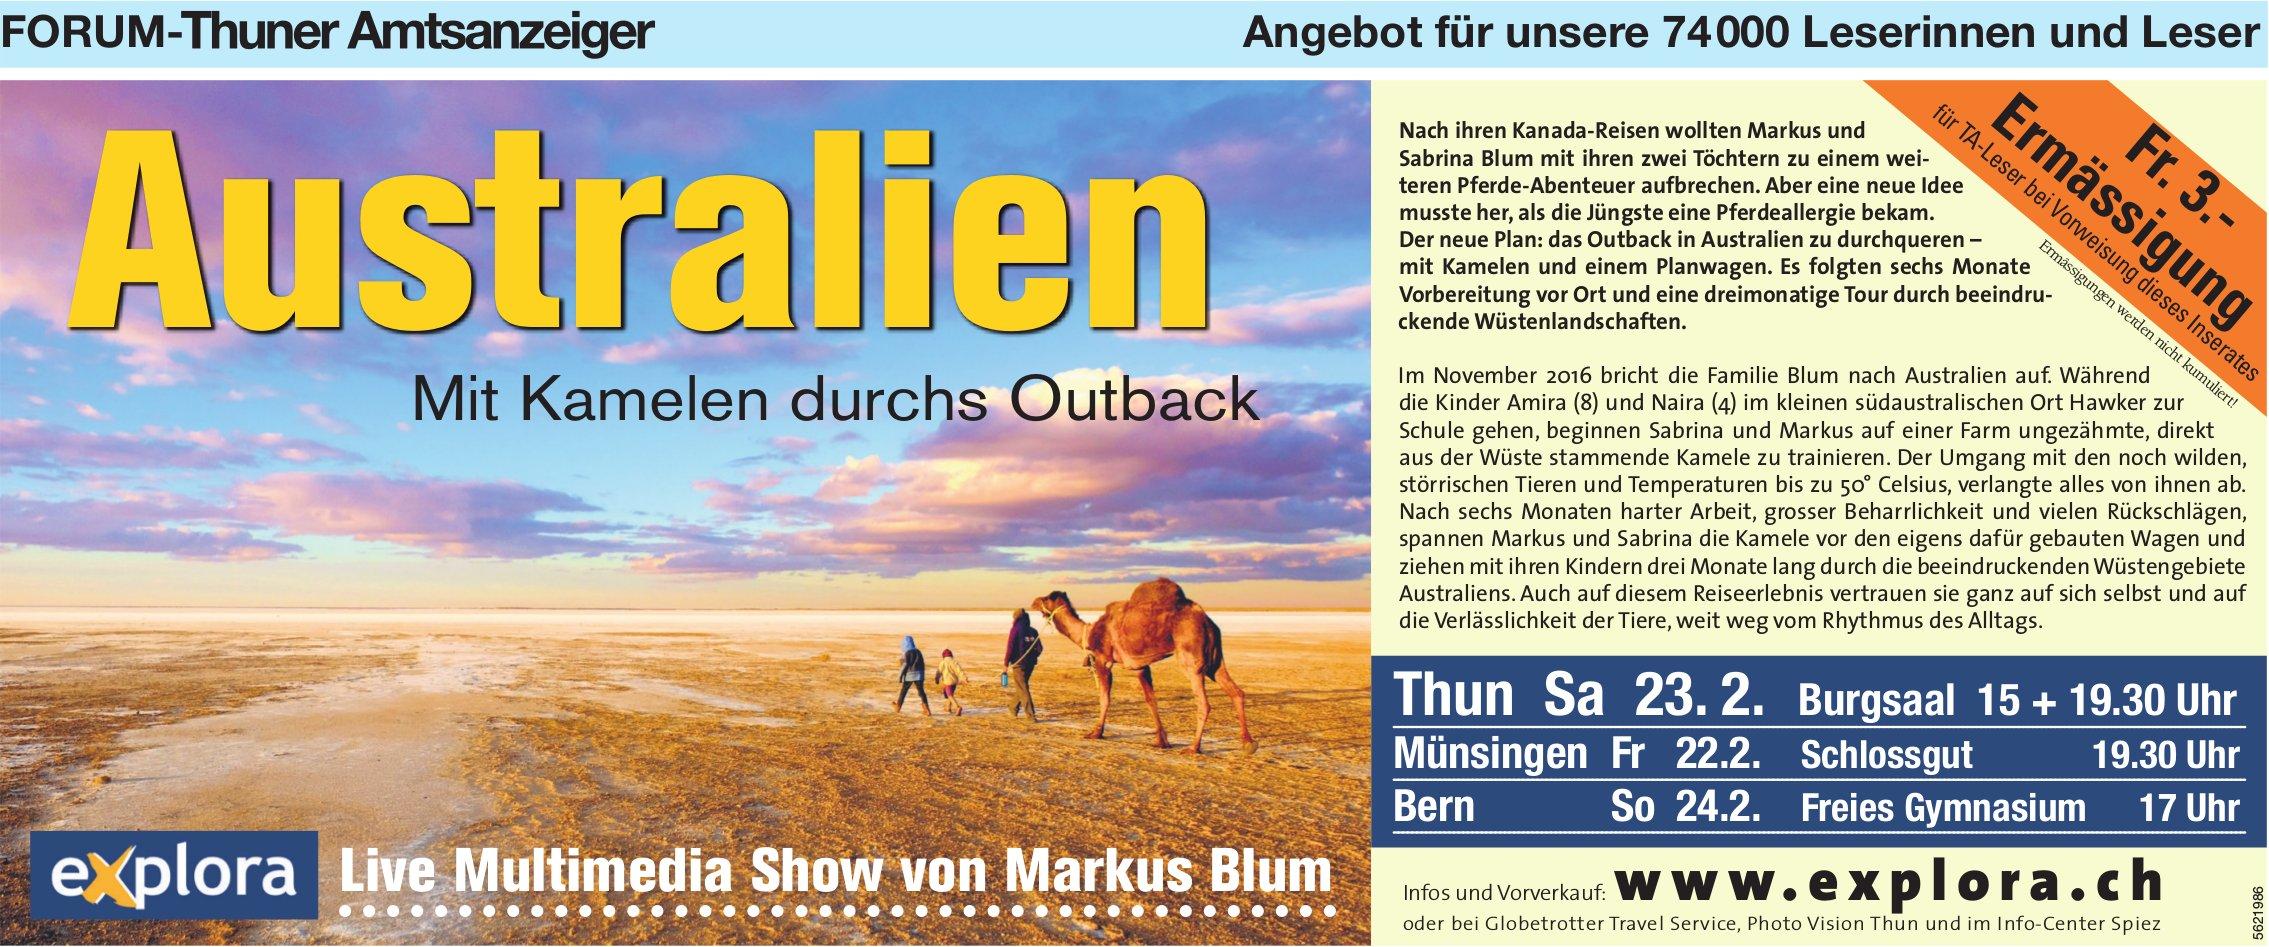 Forum-Thuner Amtsanzeiger - Australien mit Kamelen durchs Outback: Live Multimedia Show am 23. Feb.